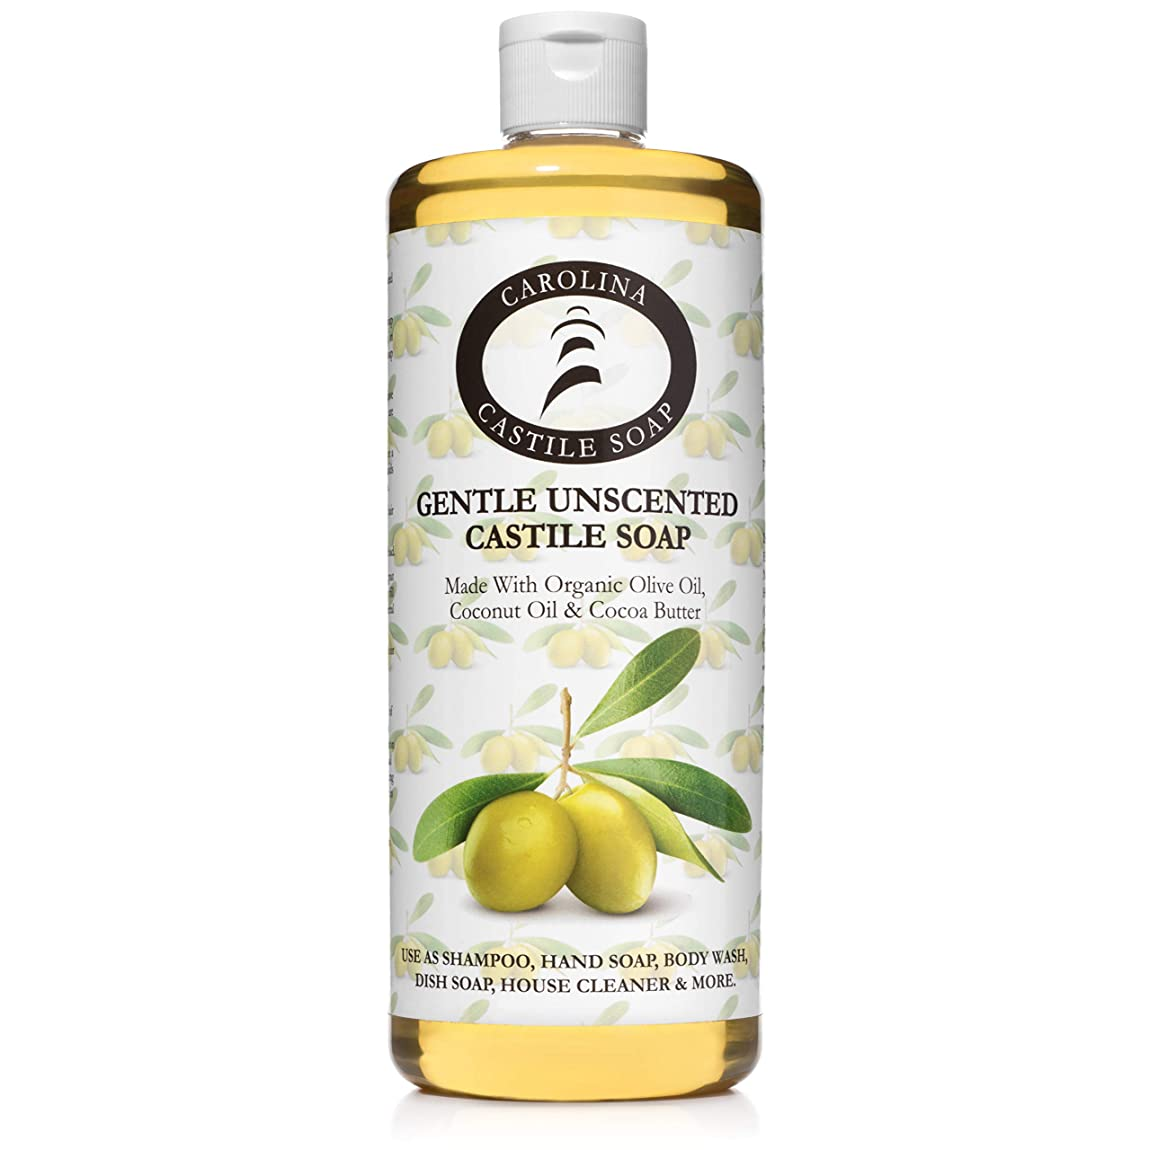 発動機ピアニストキリスト教Carolina Castile Soap ジェントル無香料認定オーガニック 32オズ